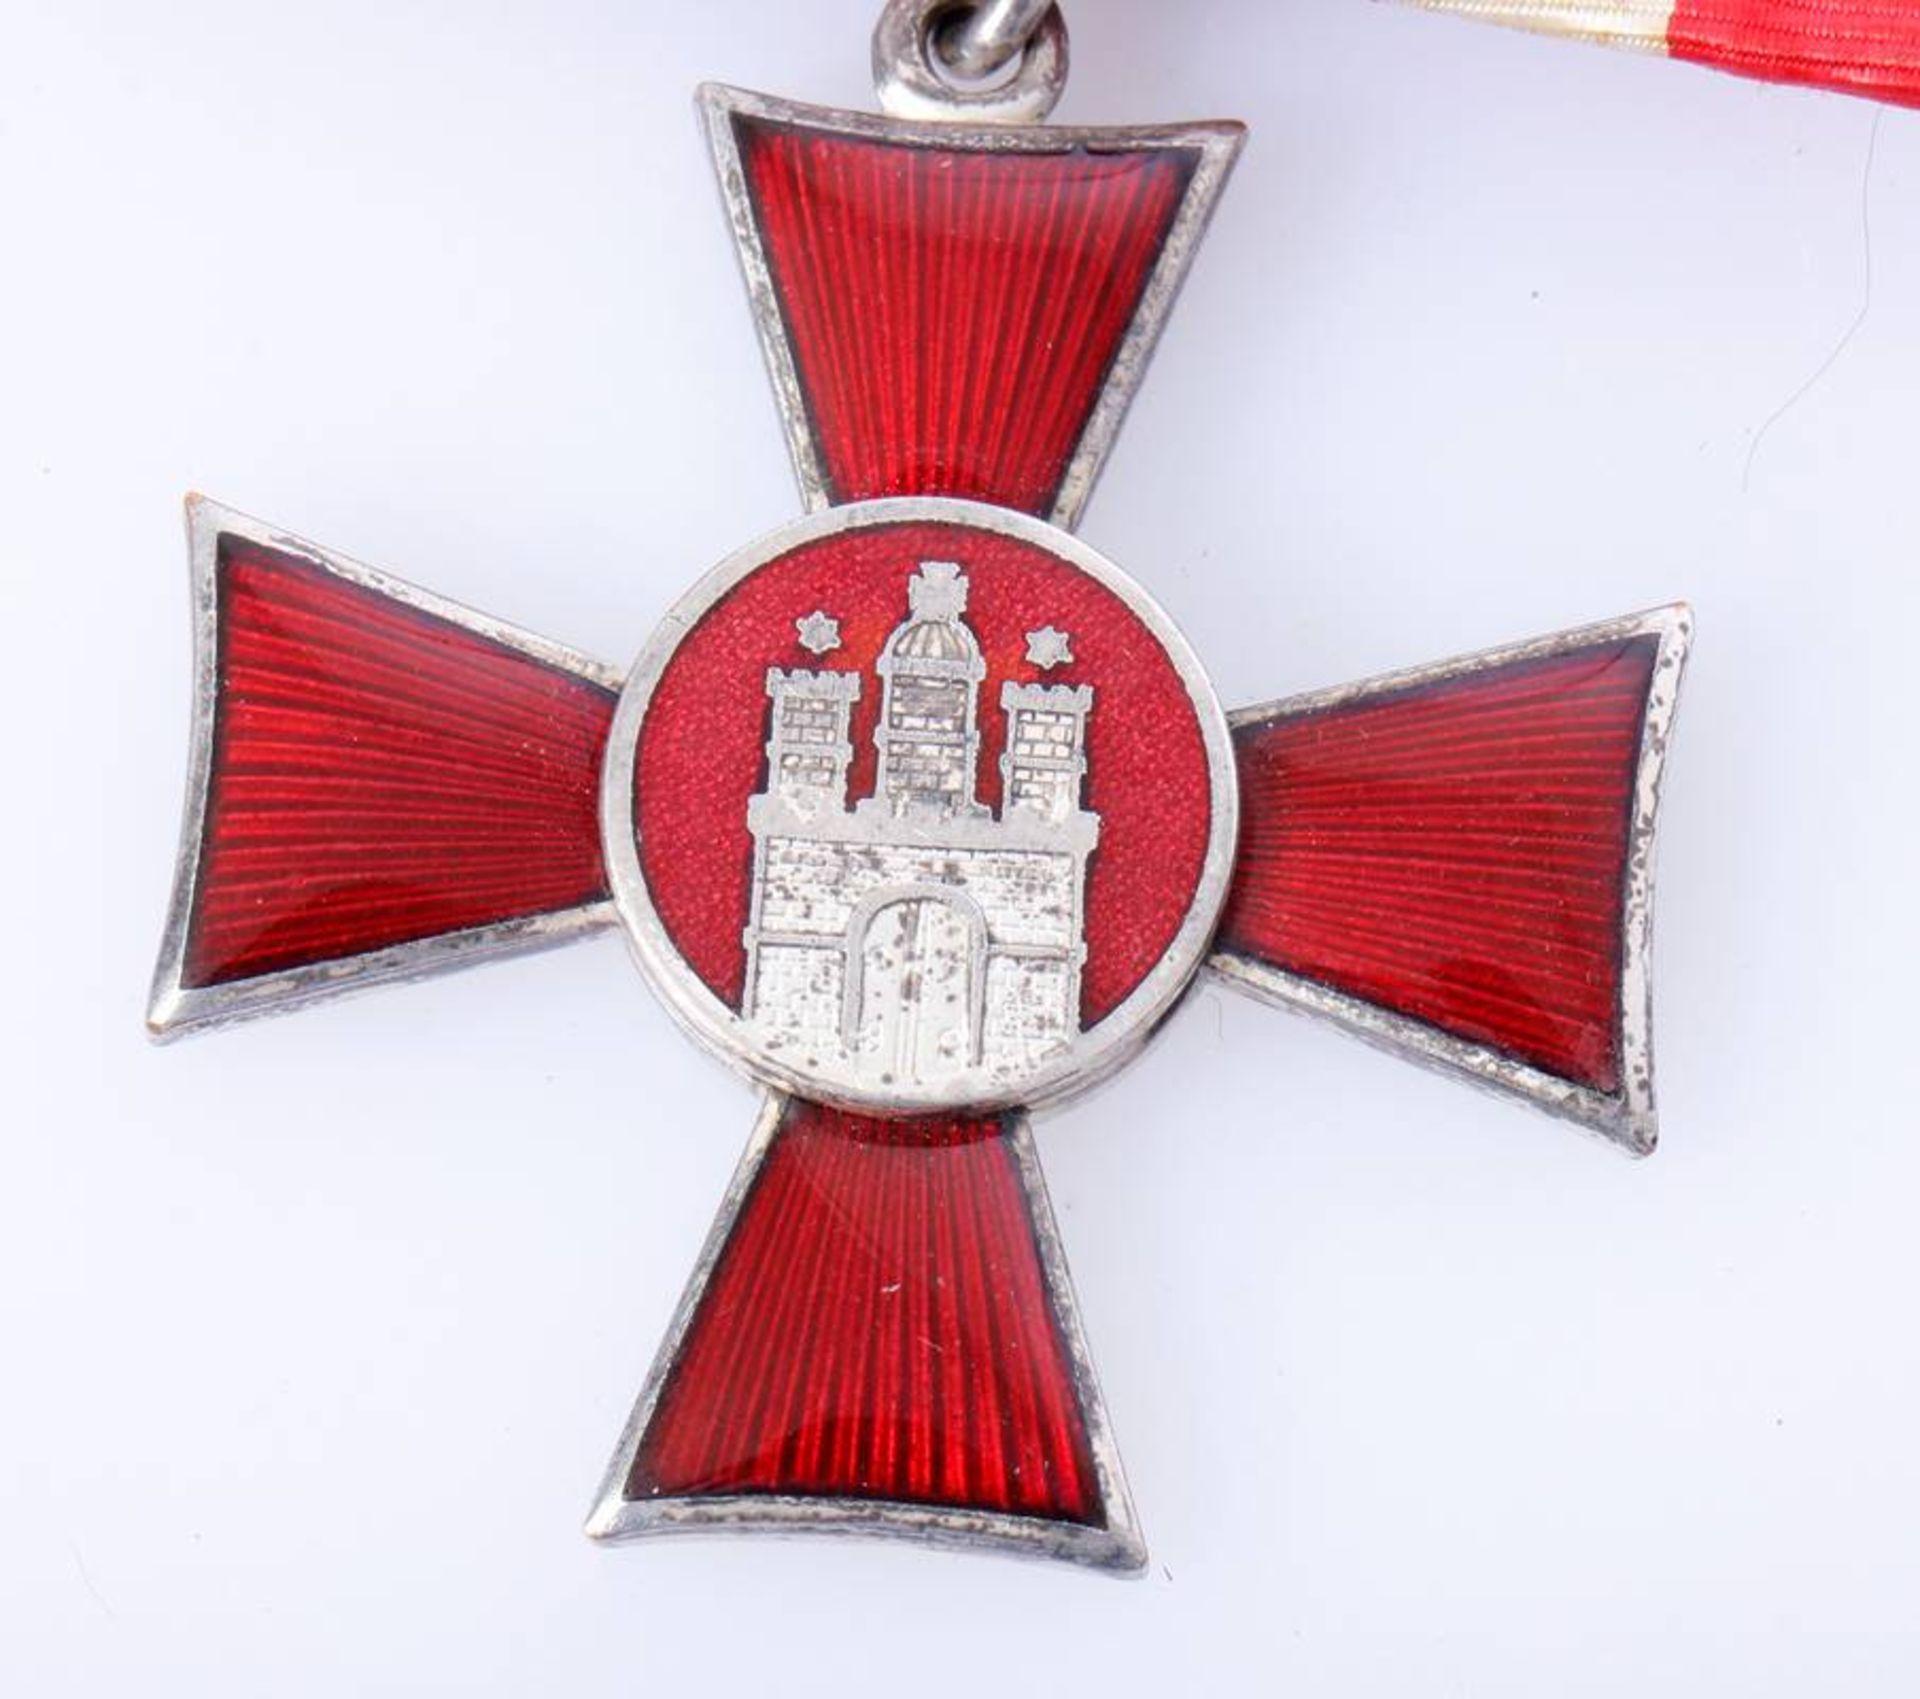 Hanseatenkreuz HamburgKreuz aufgehängt an der alten Form der Einzelschnalle. - Bild 3 aus 3